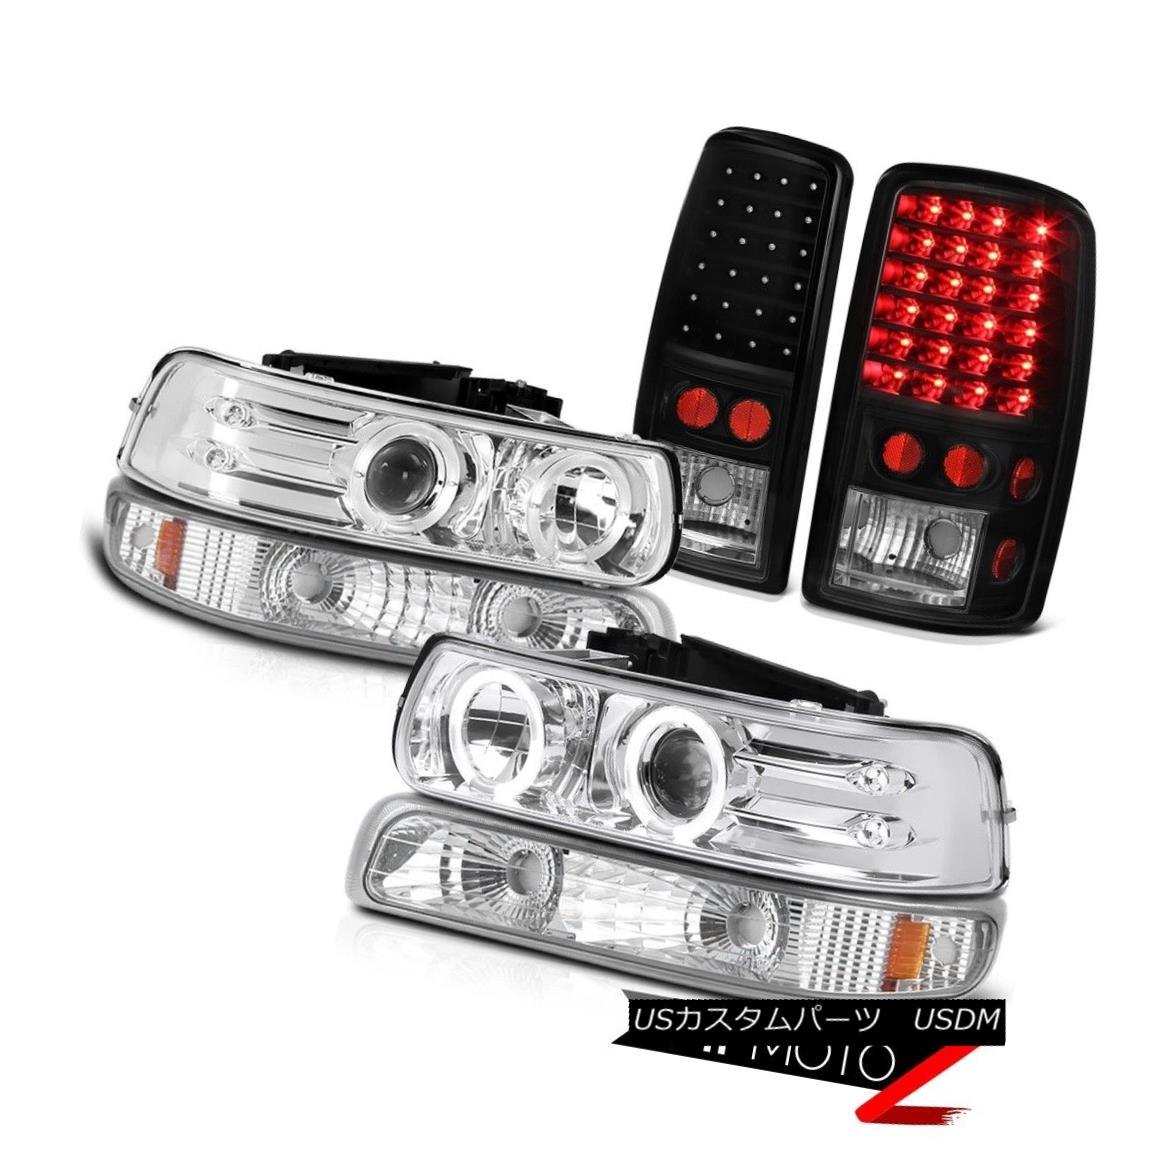 ヘッドライト 00-06 Suburban LS Chrome Halo LED Headlights Signal Matte Black Tail Lights 00-06郊外LSクロームハローLEDヘッドライト信号マットブラックテールライト